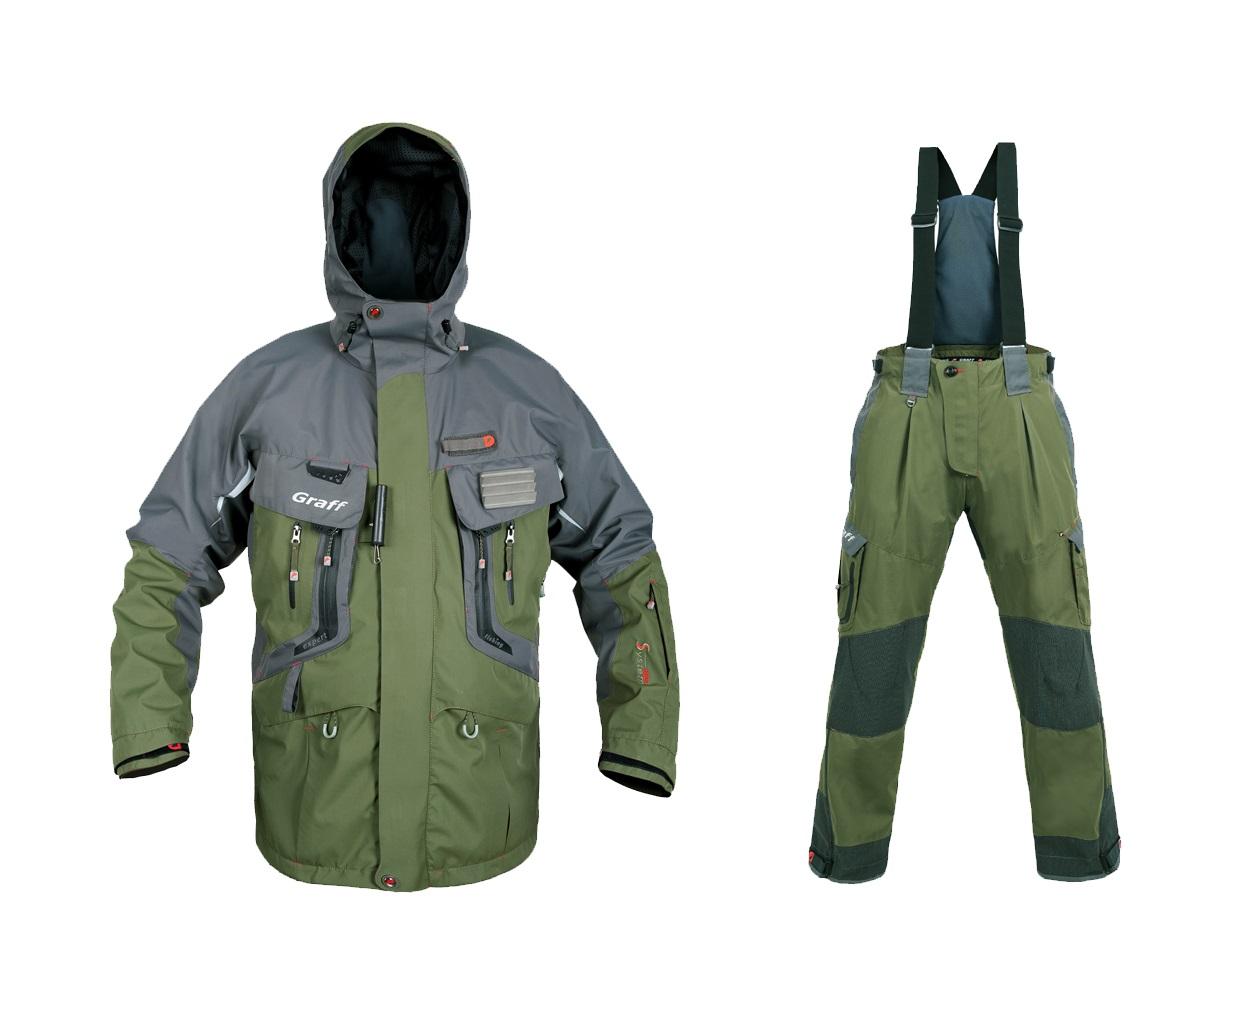 Костюм рыболовный Graff (длинная куртка+брюки) ткань Bratex